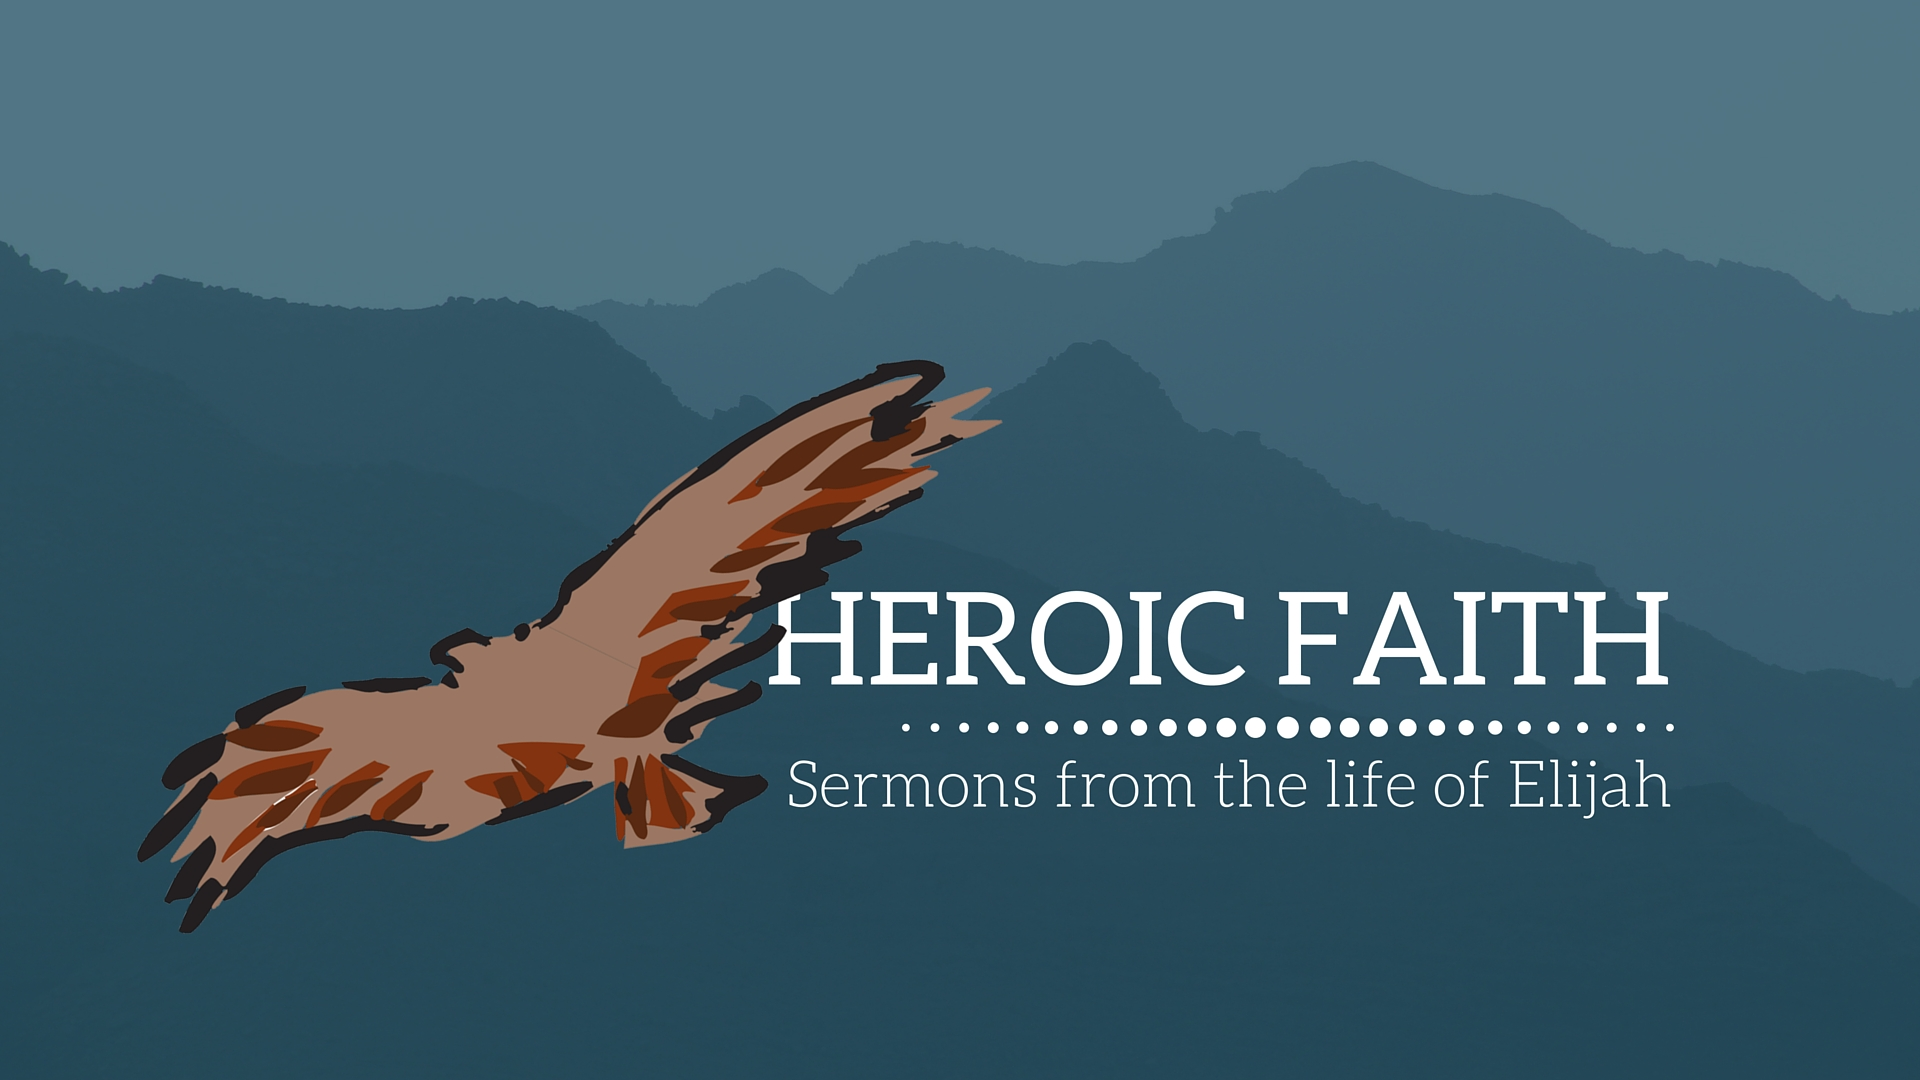 HEROIC FAITH.jpg